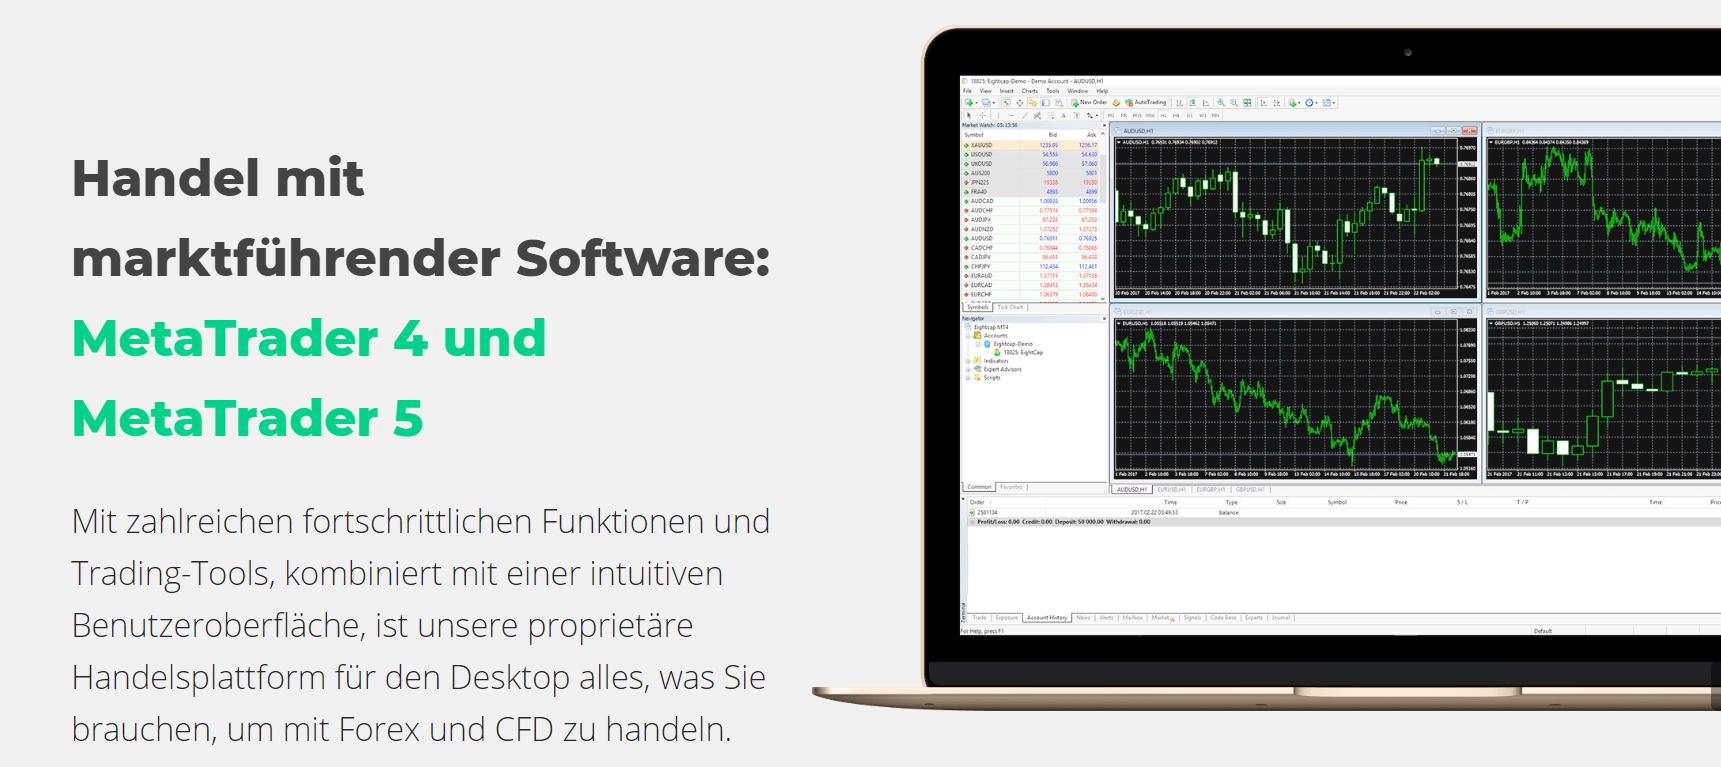 eightcap bietet den Handel mit marktführender Software an